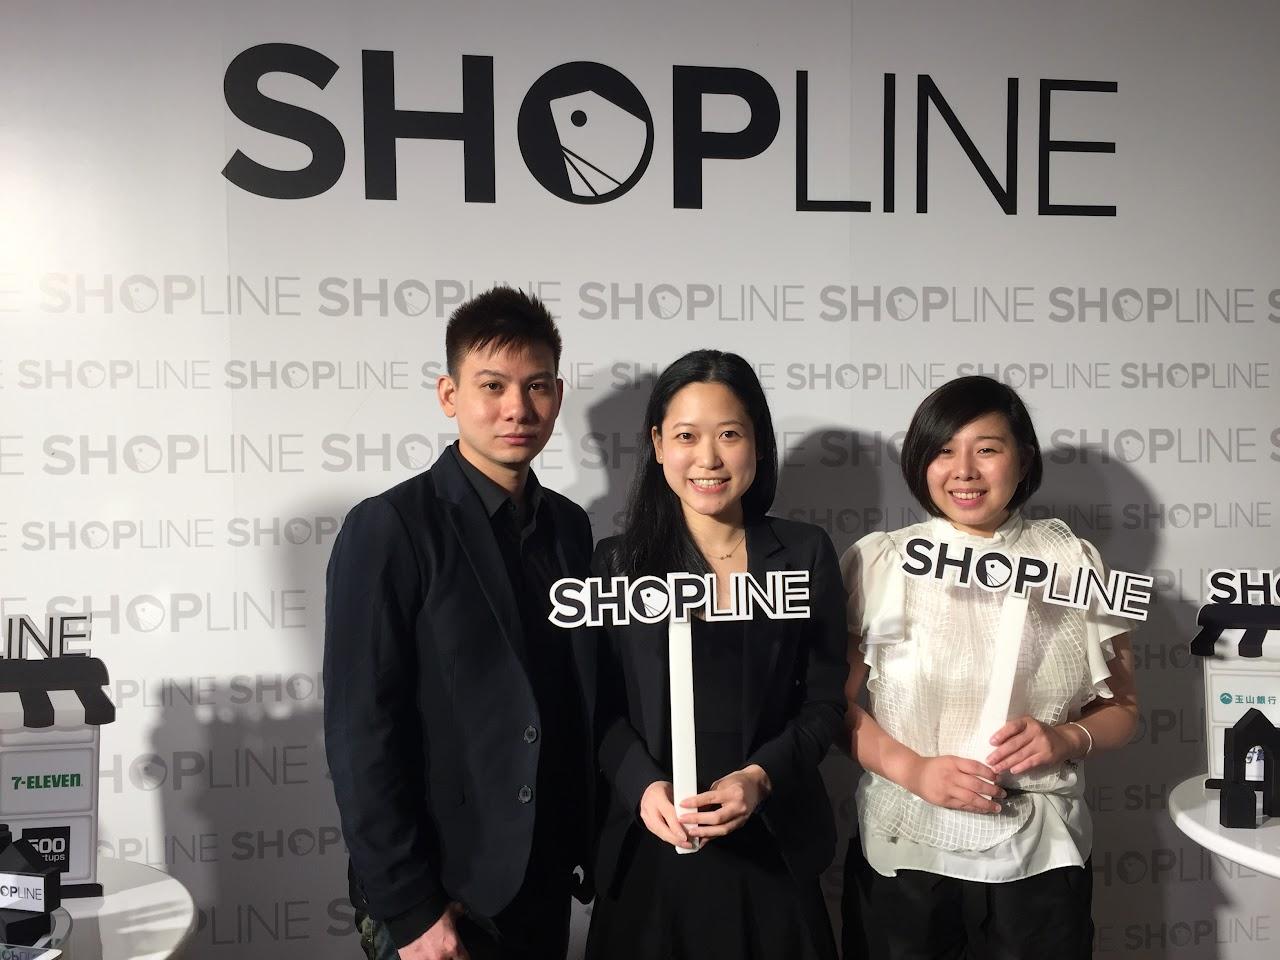 看好台灣電商市場,品牌電商平台SHOPLINE來台進駐